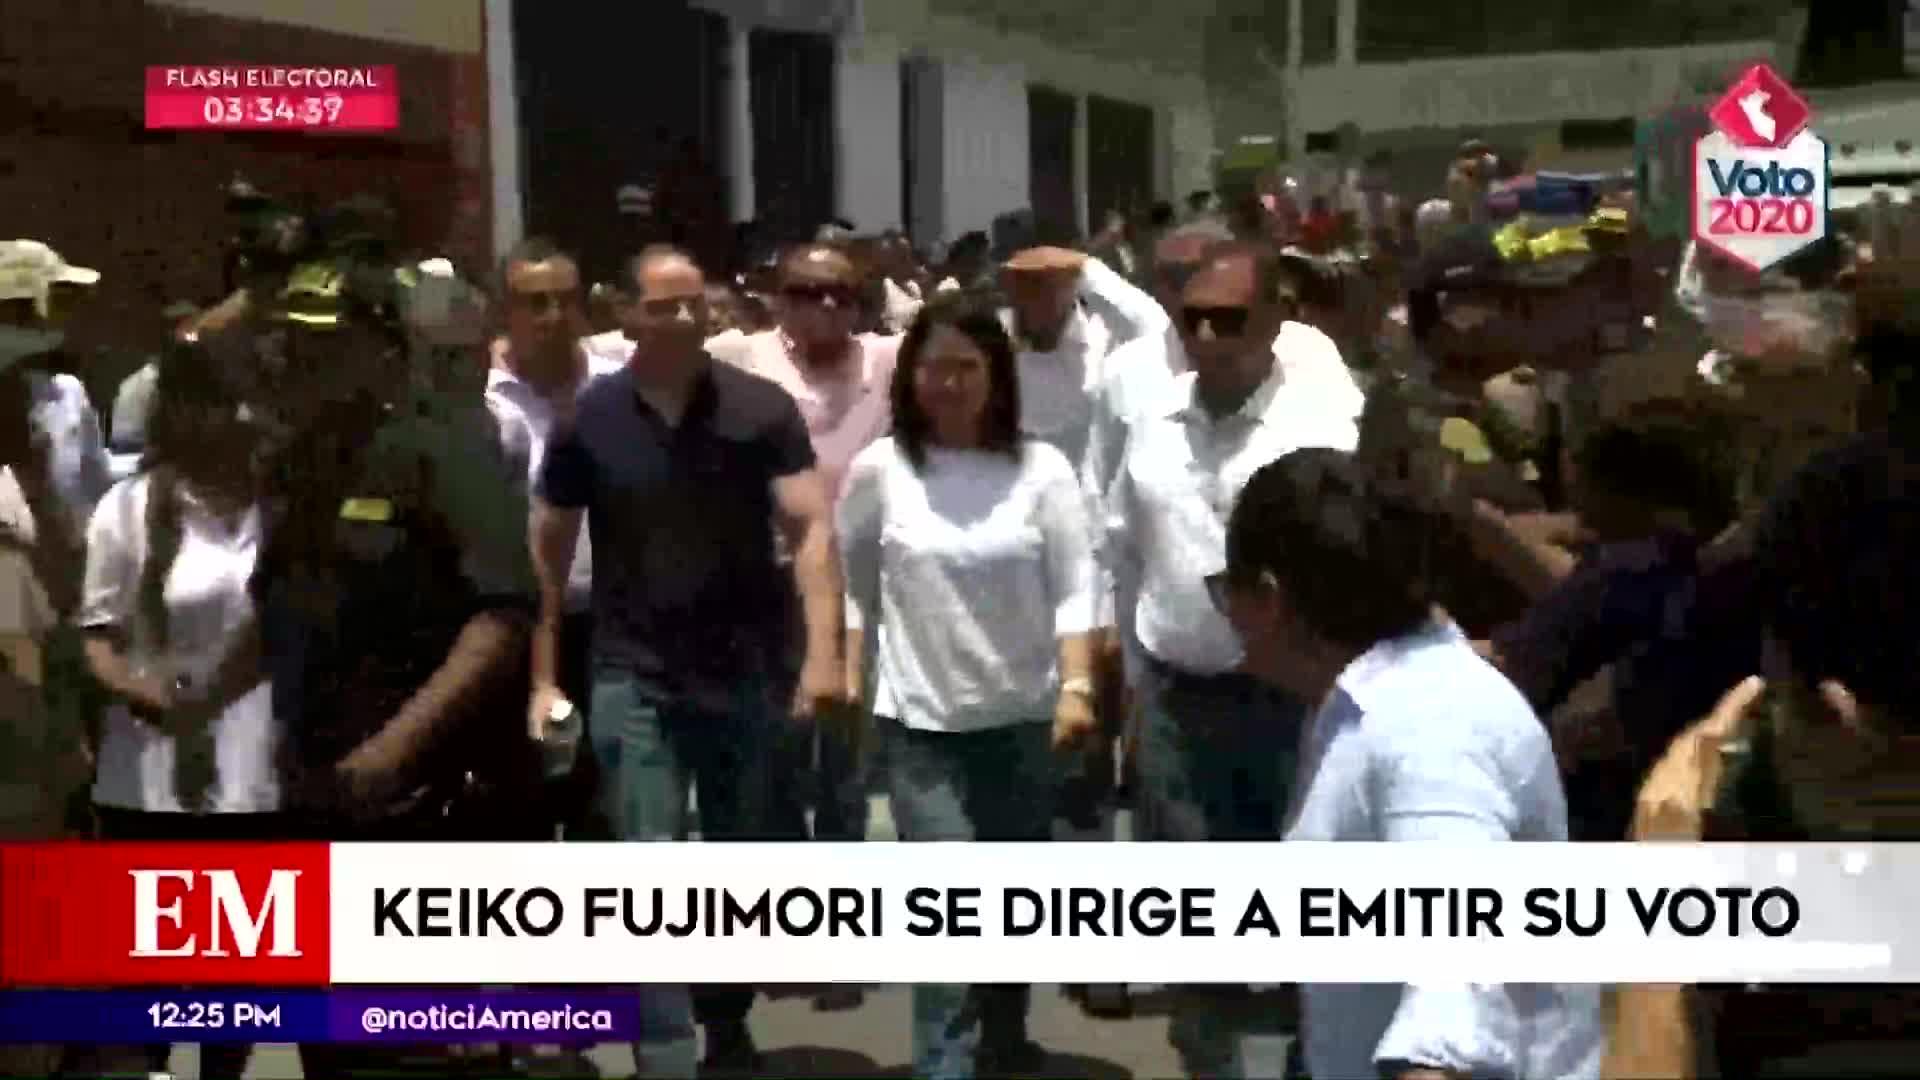 Elecciones 2020: Keiko Fujimori llegó acompañada de su esposo Mark Vito para ejercer su voto